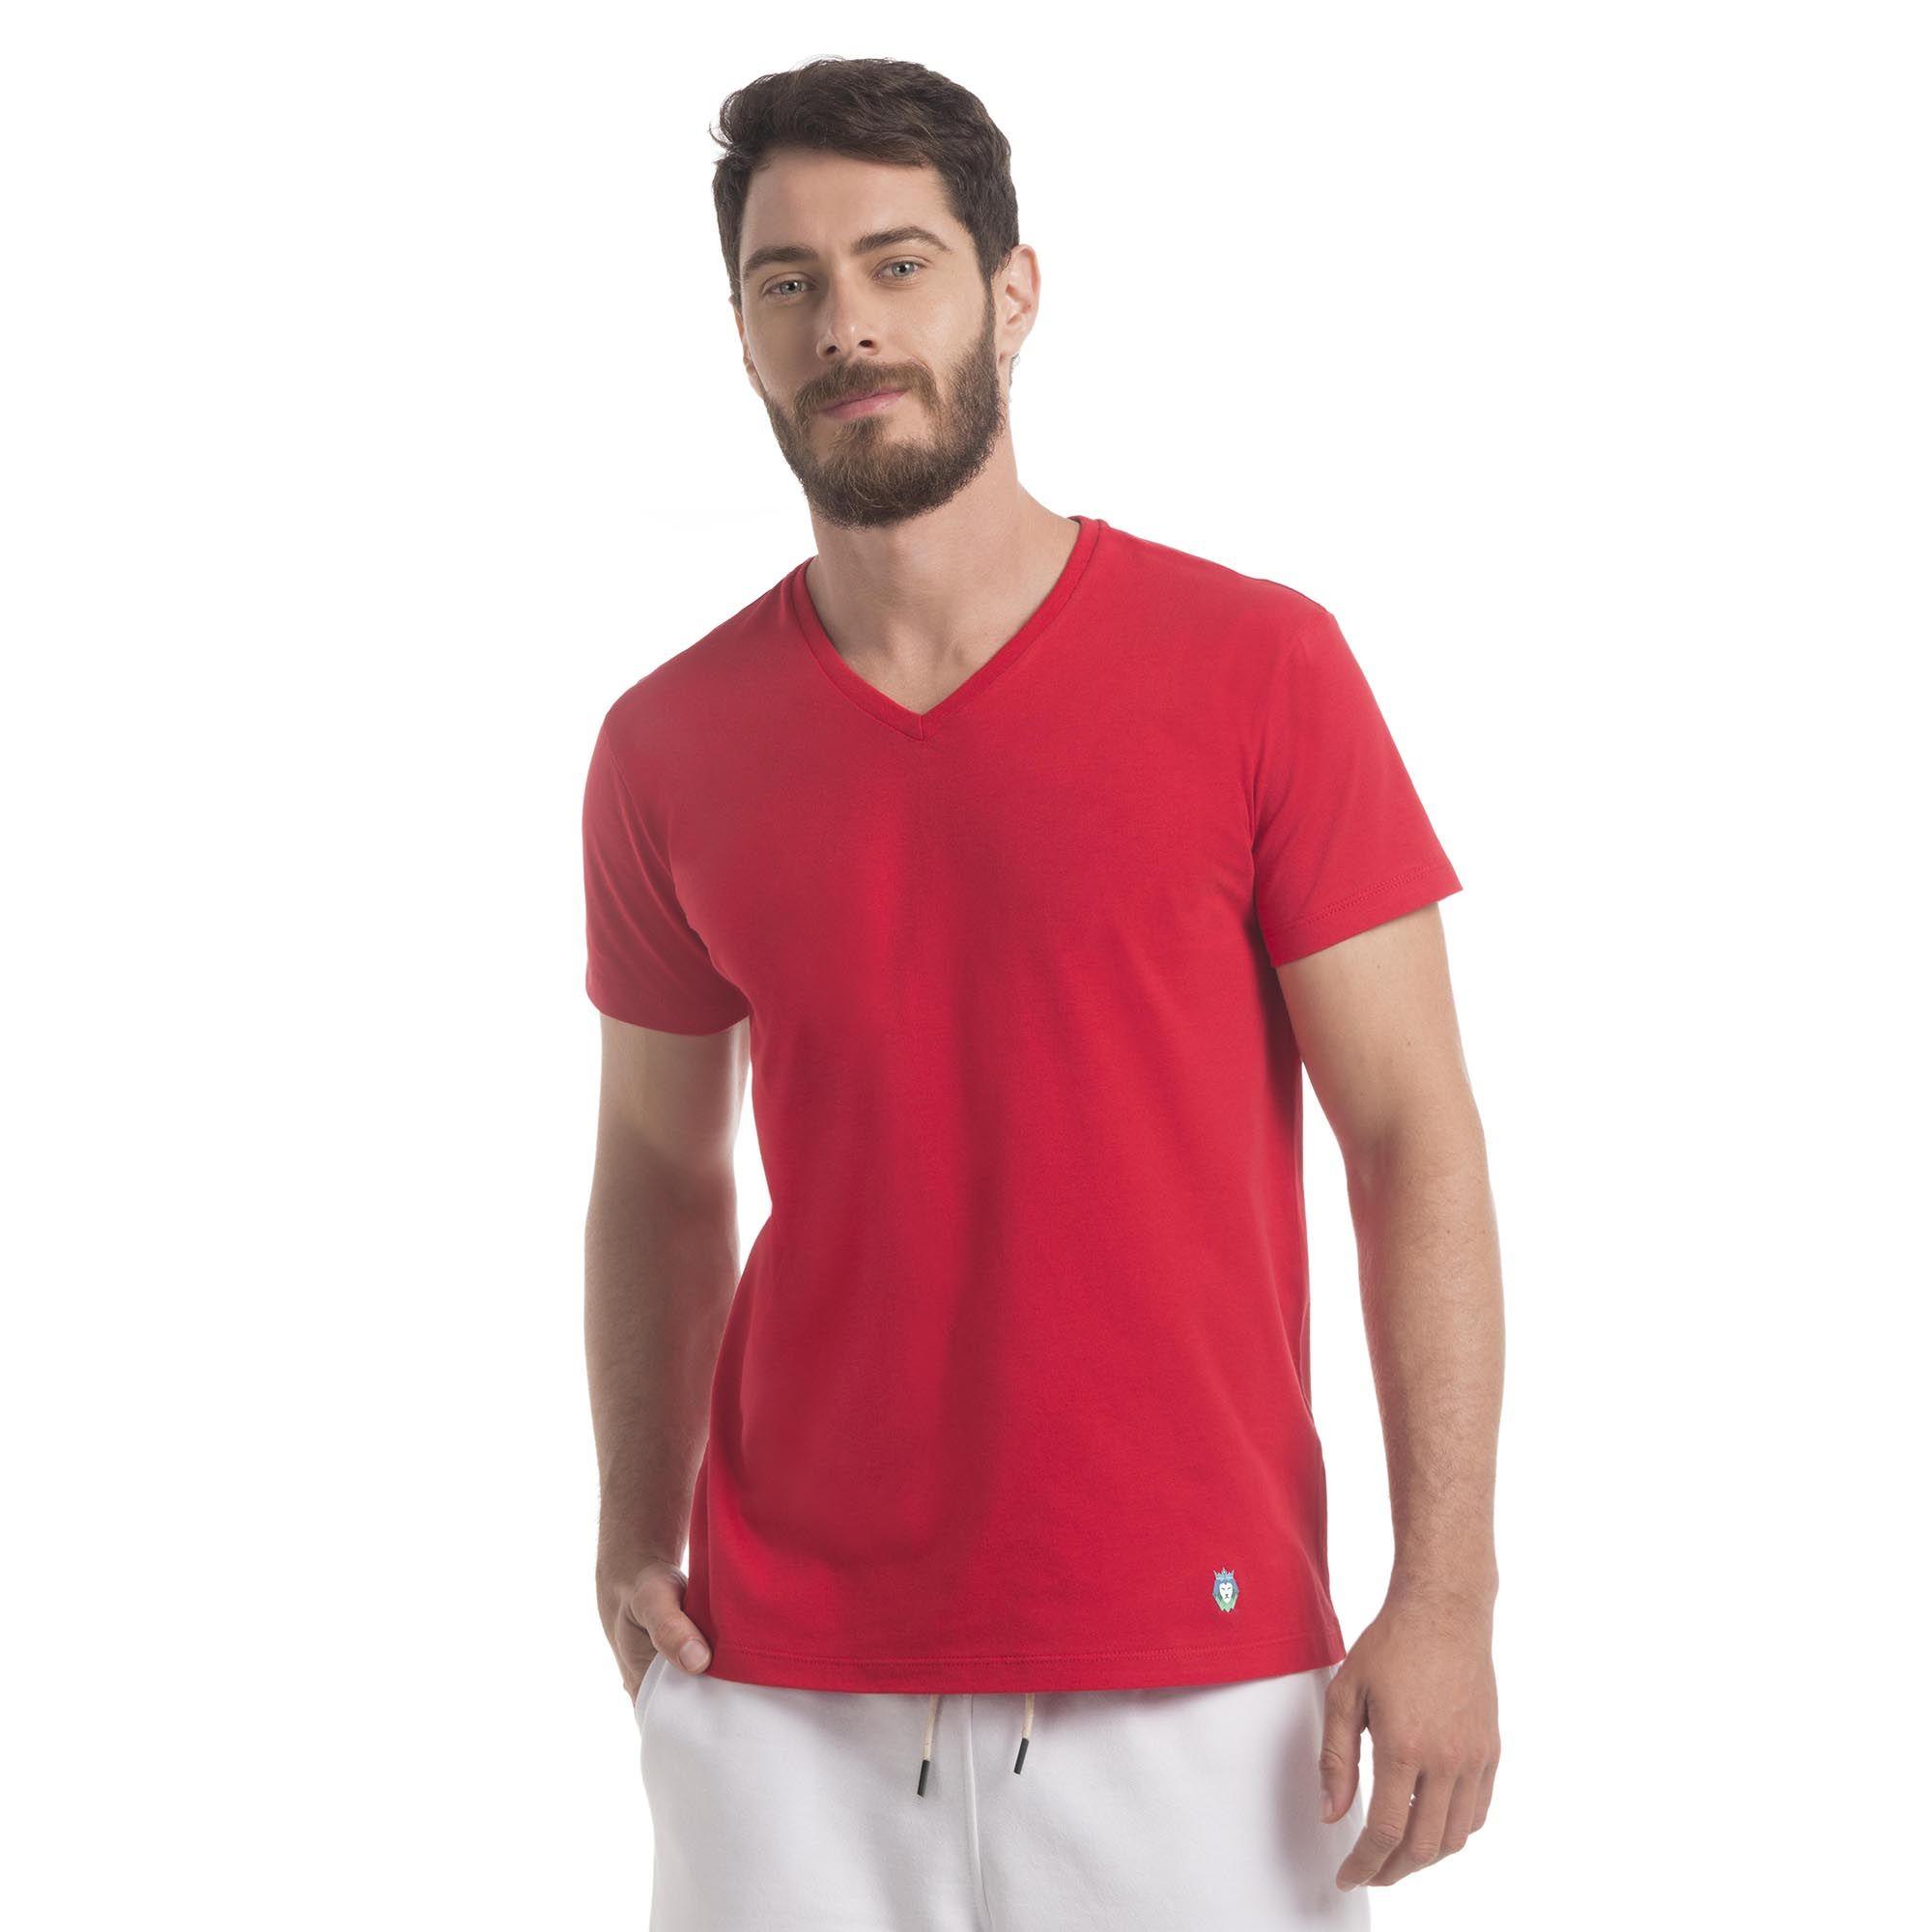 T-Shirt Zaiden Basic T1 Masculina